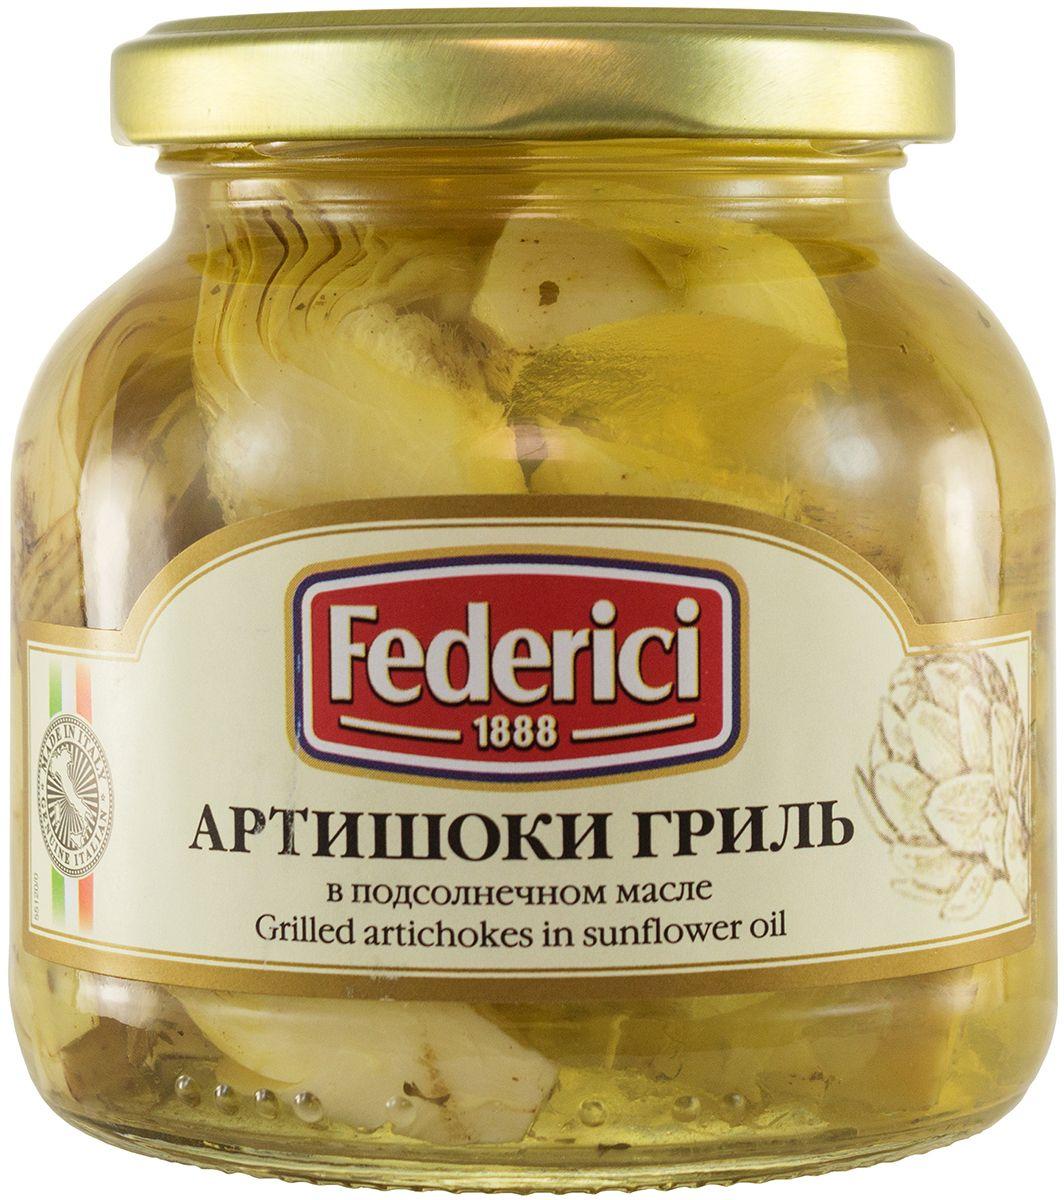 все цены на  Federici Артишоки гриль в подсолнечном масле, 280 г  в интернете